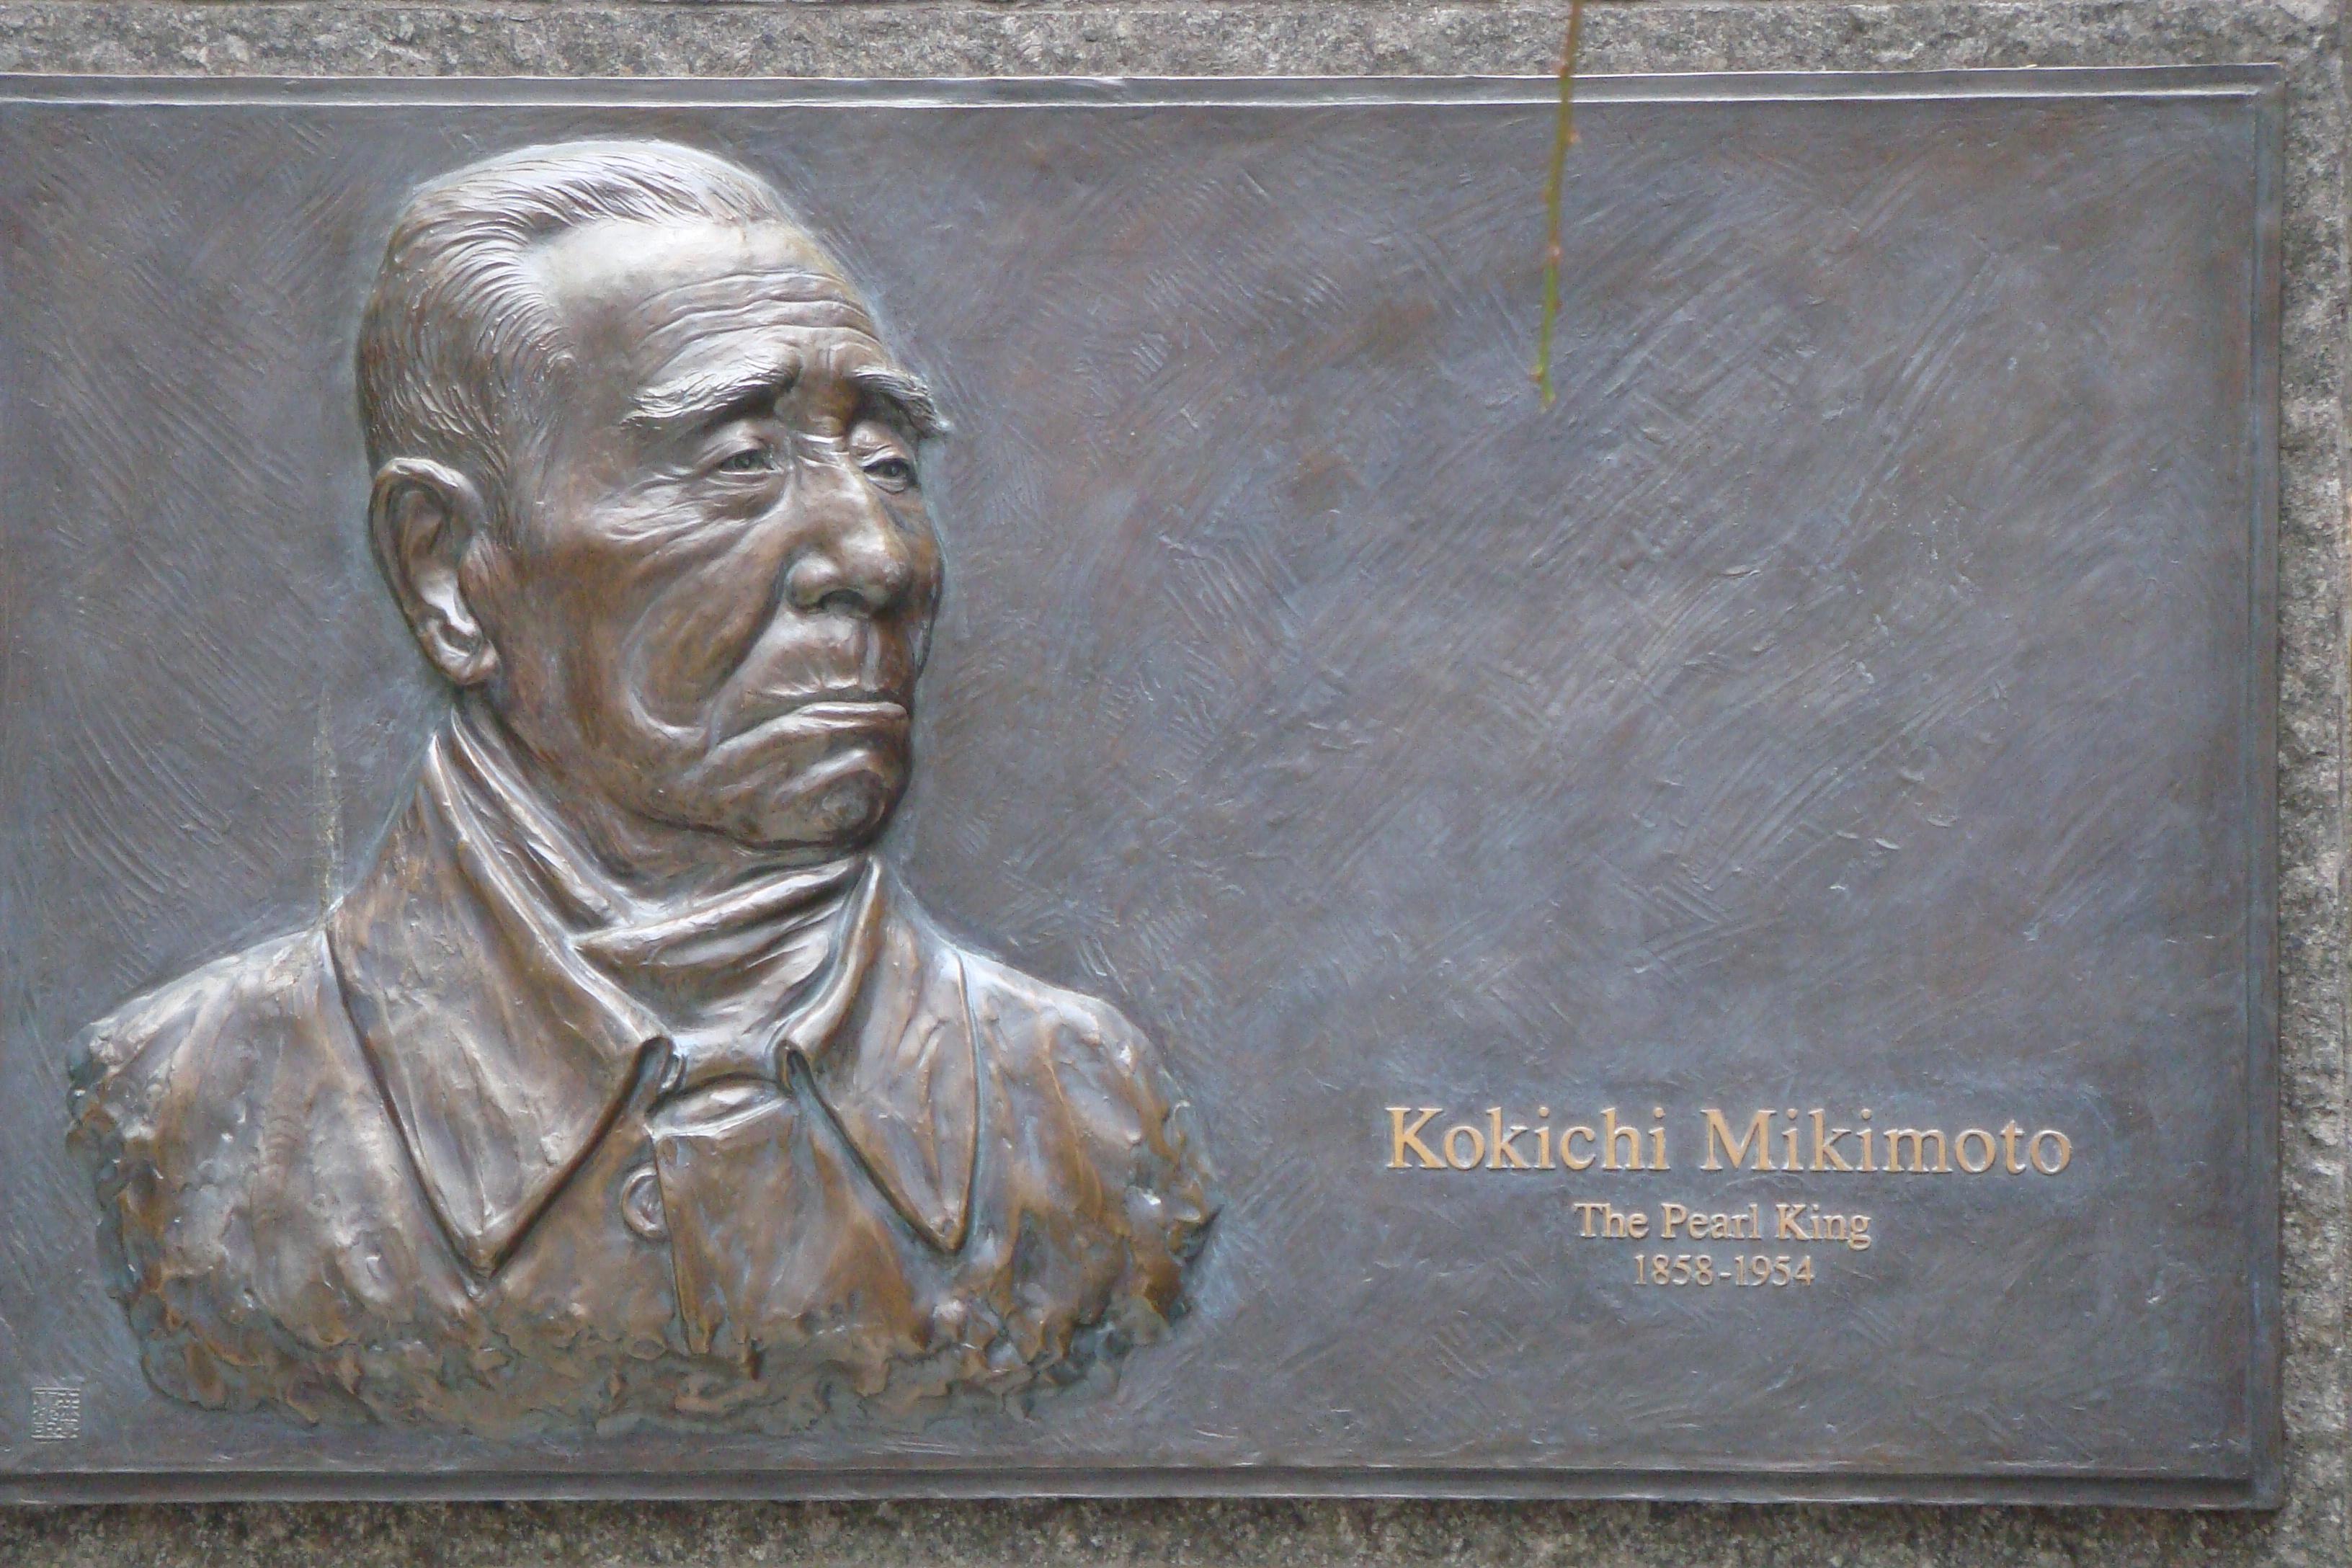 Bronze plaque honoring Mikimoto.